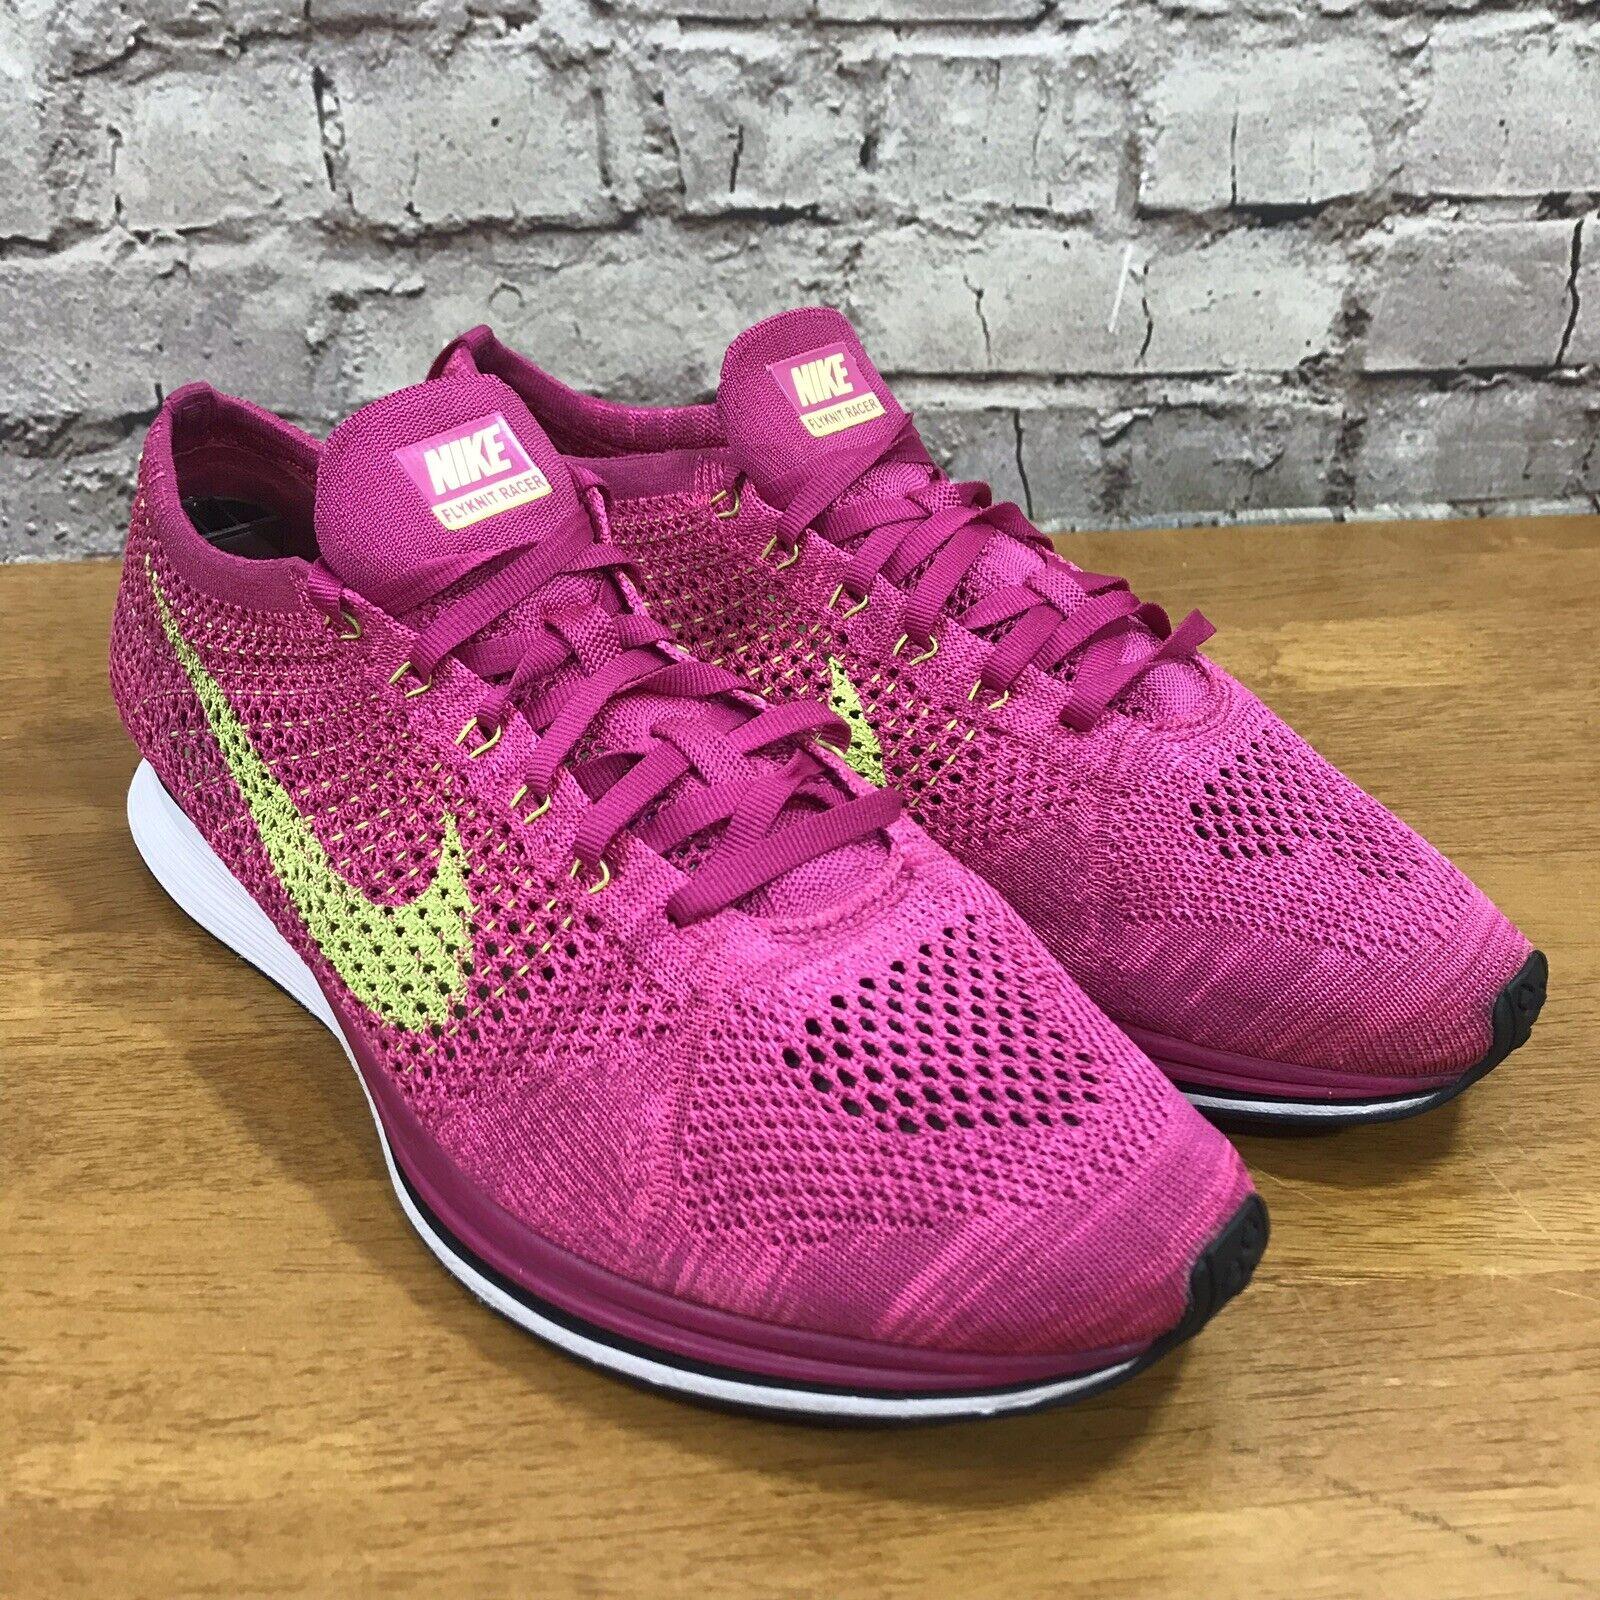 ff0ec439174f Nike Flyknit Racer Running shoes Fireberry Fireberry Fireberry Volt Pink  Size 13 526628-607 046b51